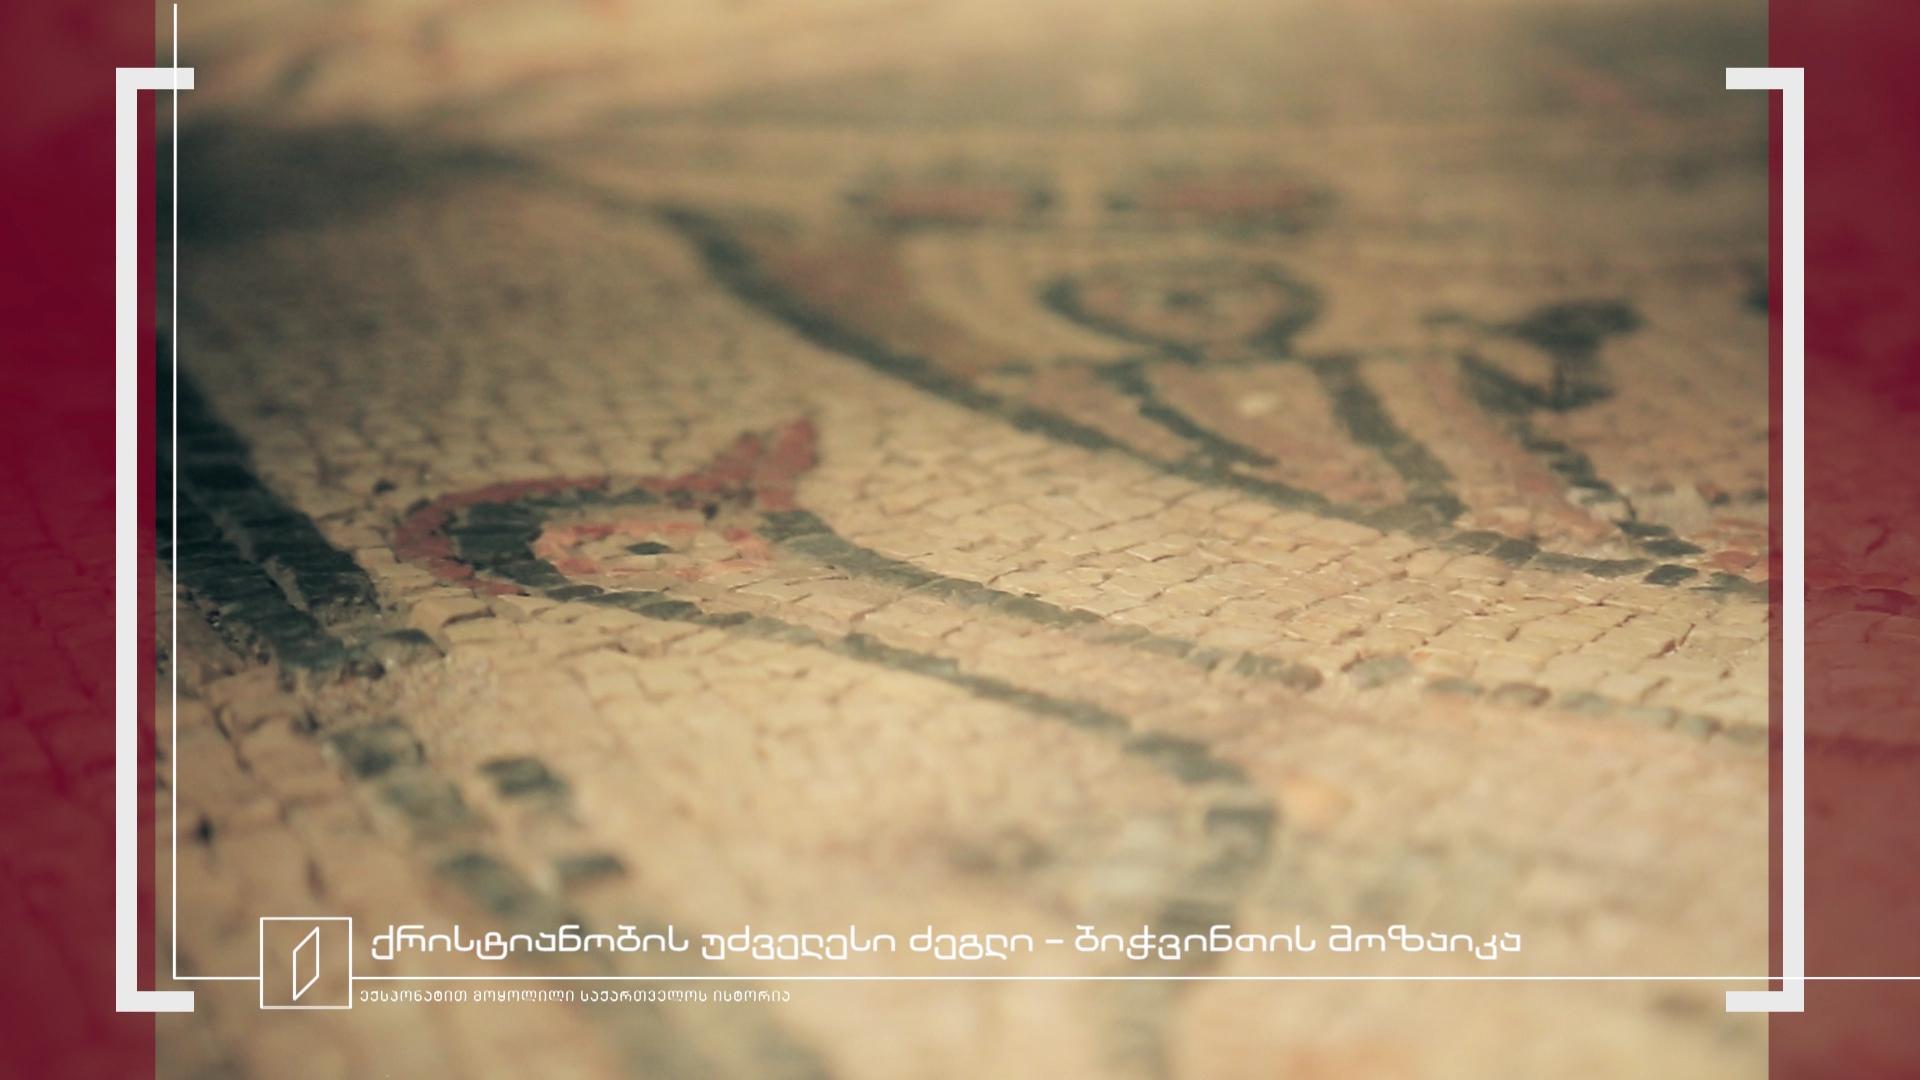 ექსპონატით მოყოლილი საქართველოს ისტორია -ბიჭვინთის მოზაიკა